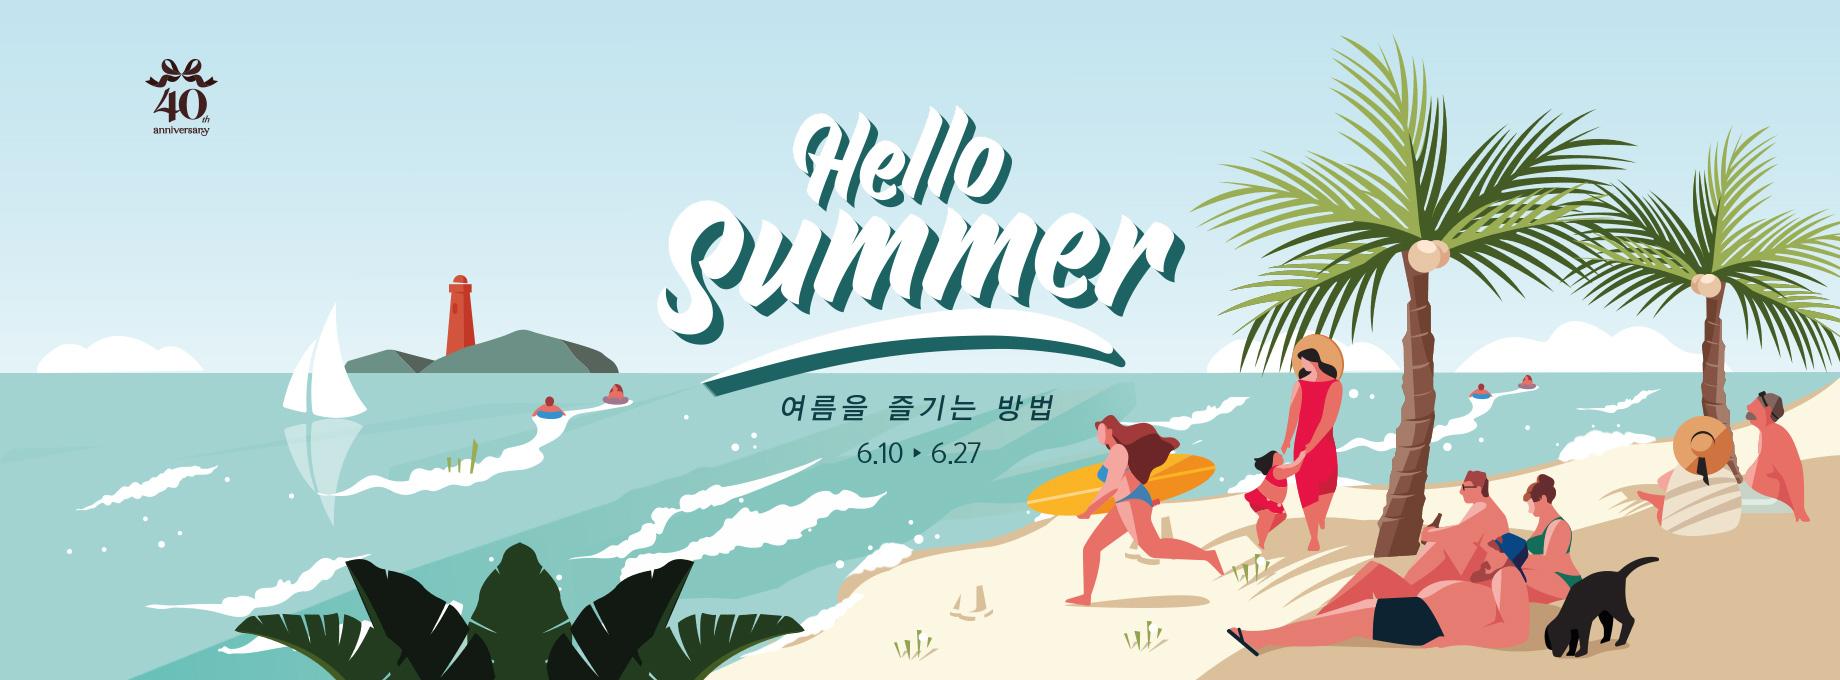 여름을 즐기는 방법_백화점_홈페이지_06100627